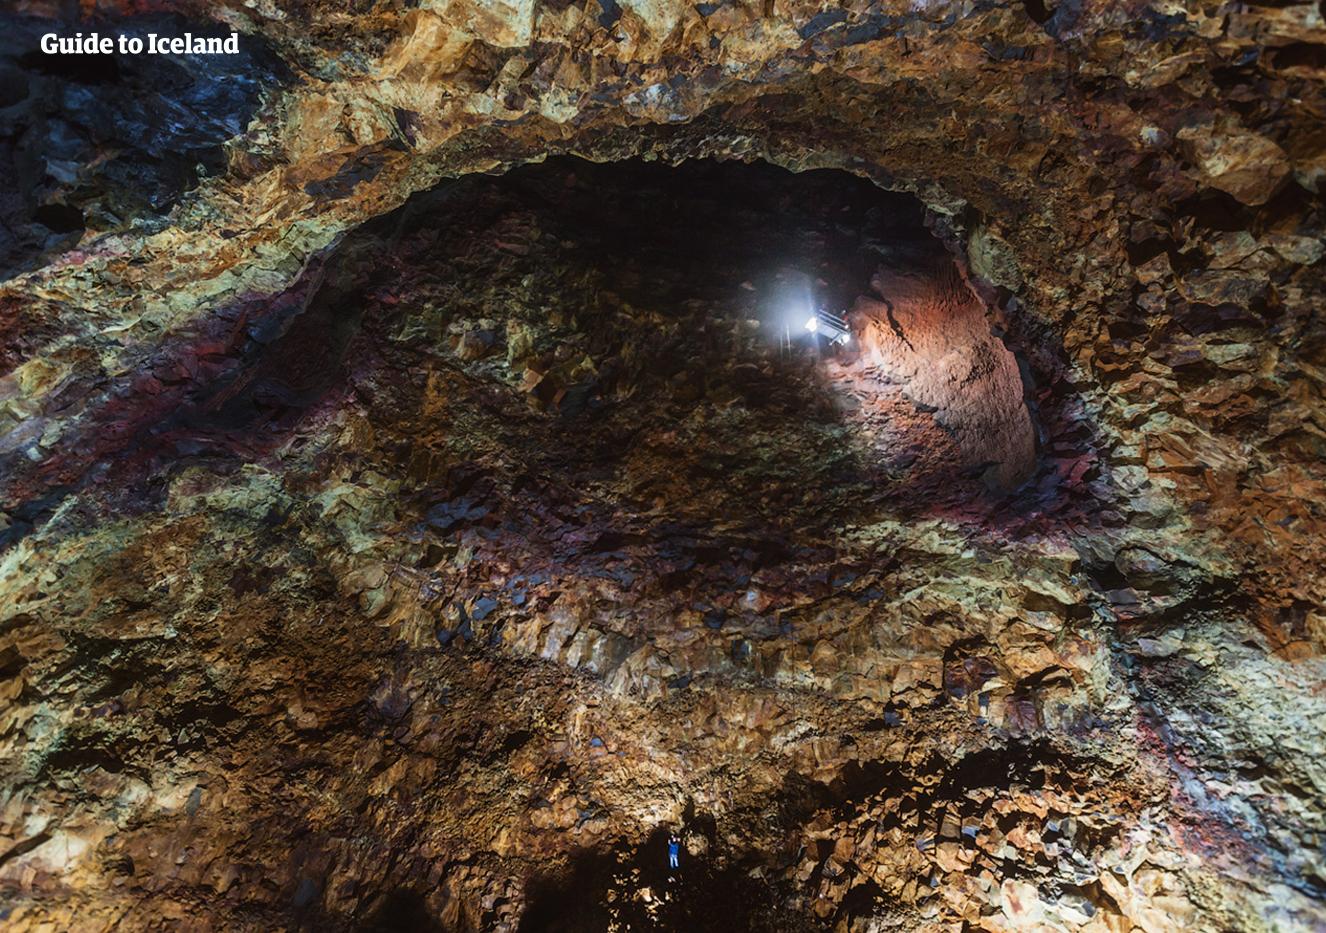 Þríhnúkagígur火山内部呈现出斑斓纷繁的色彩,红色、紫色、蓝色彼此交织,显示冰岛地质运动的神奇